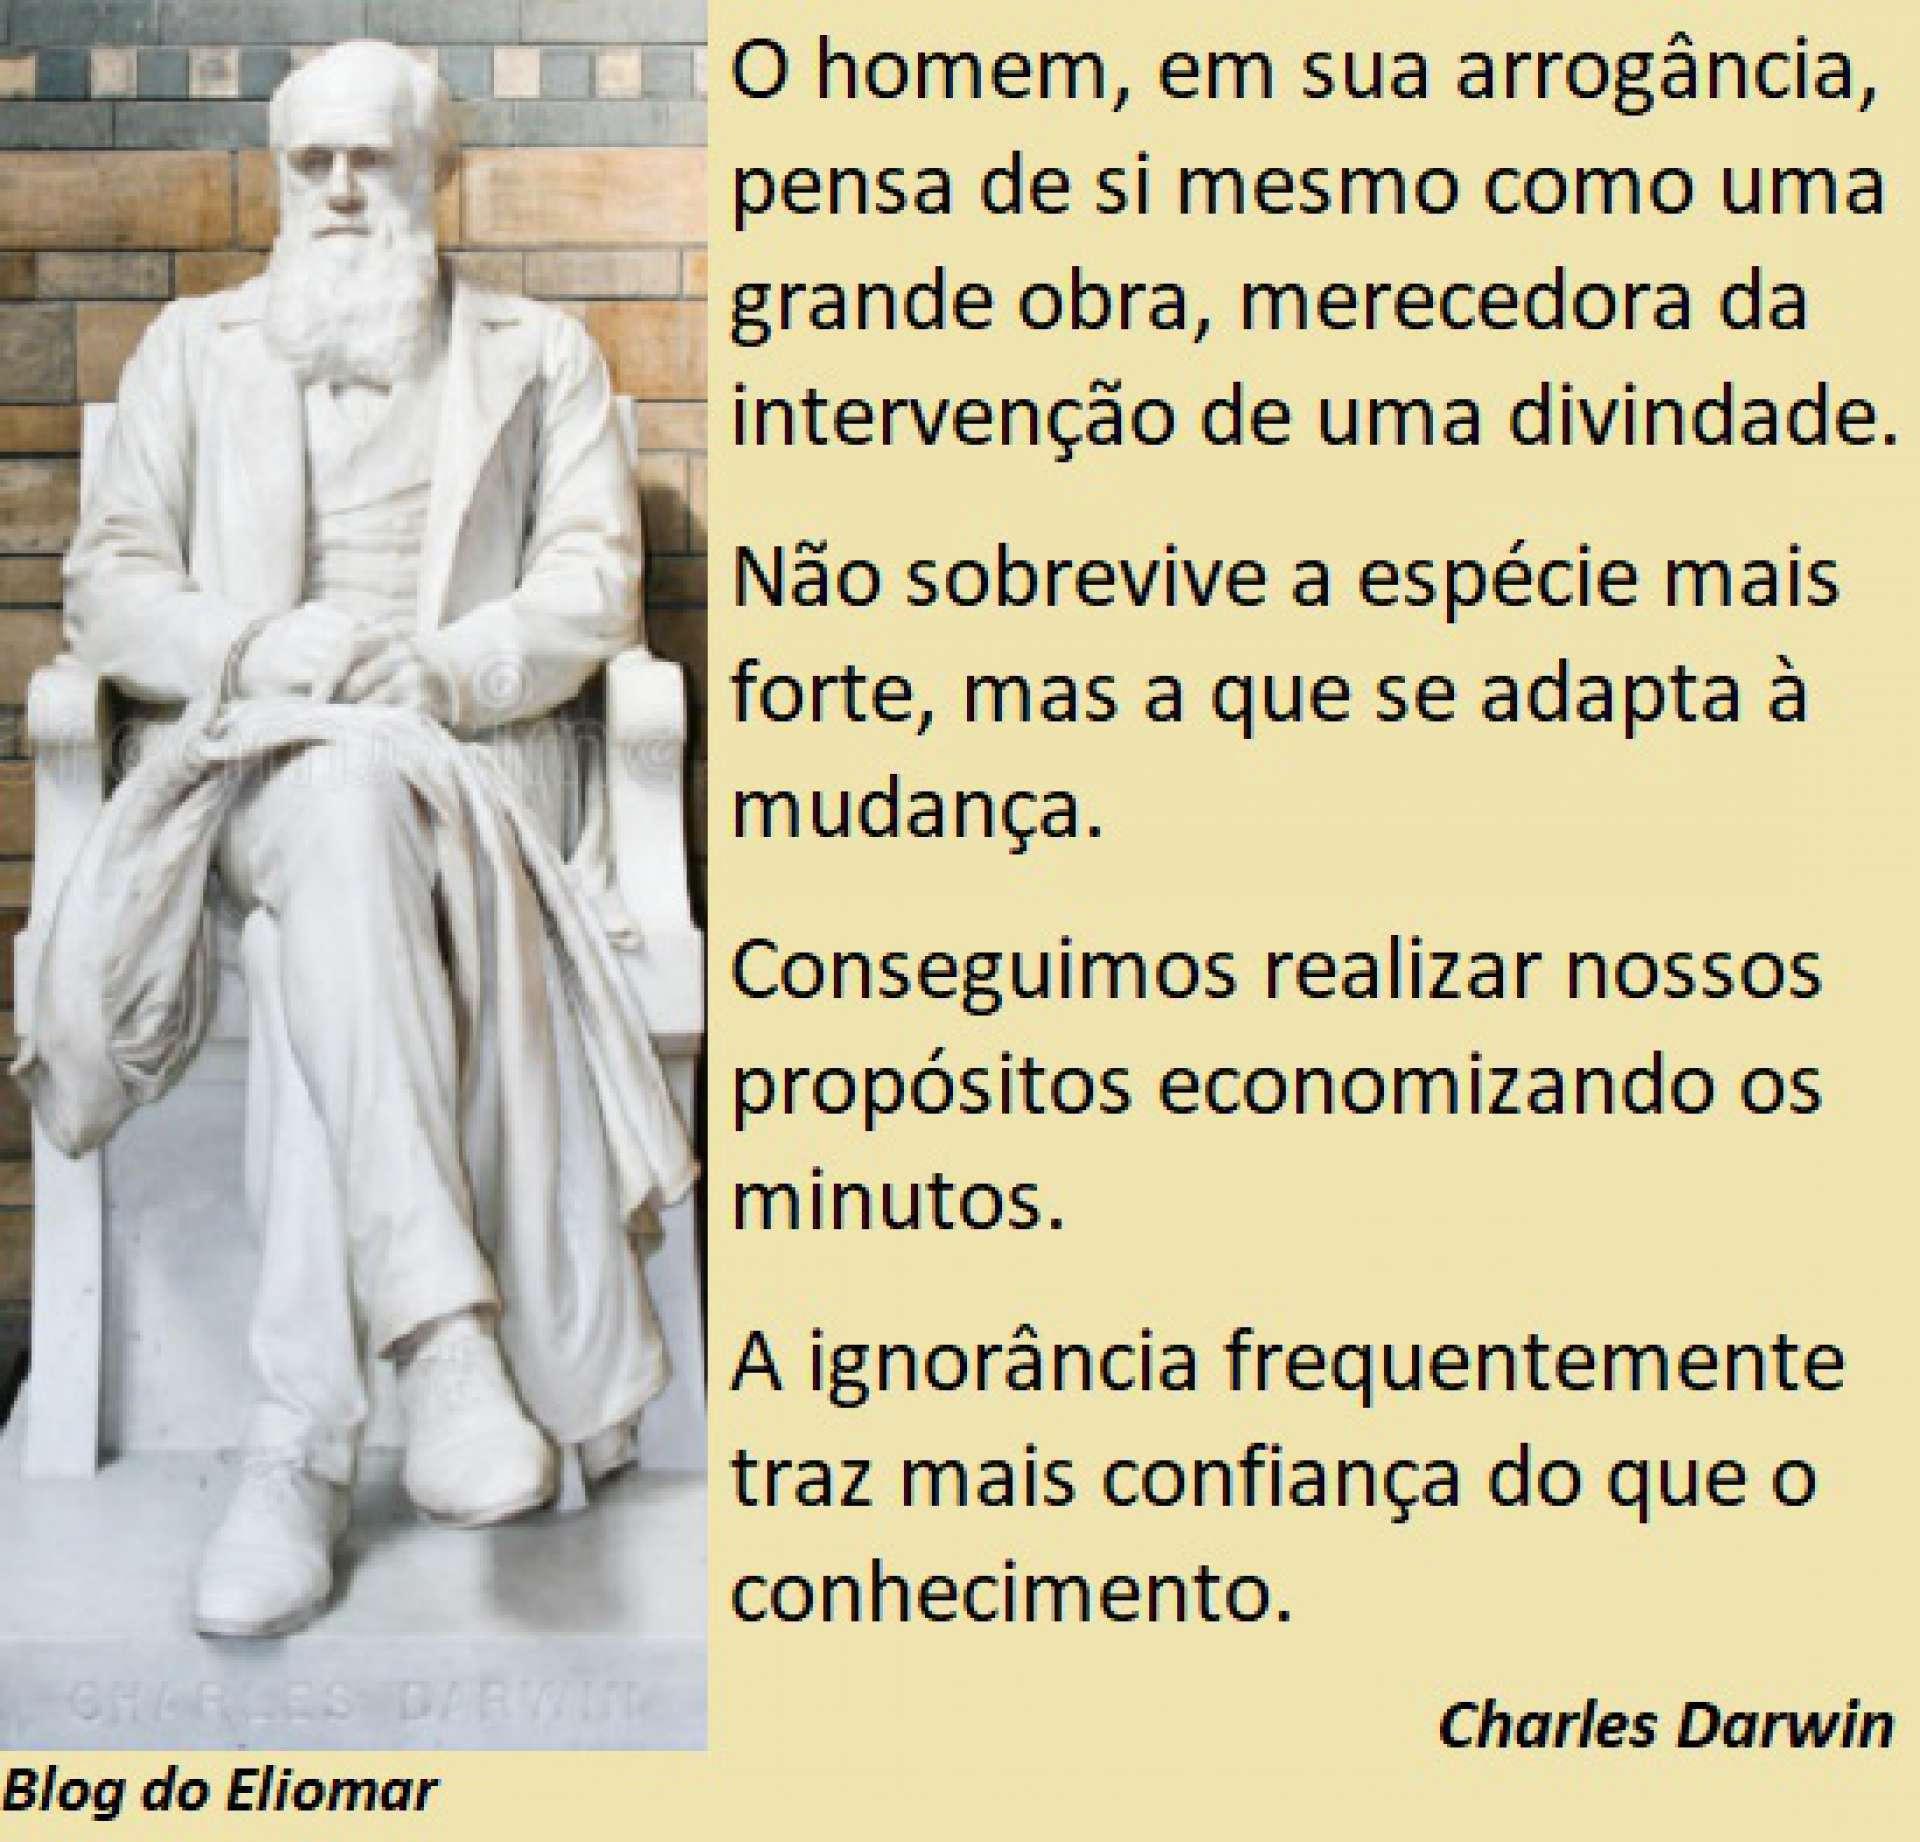 Há 163 anos, o biólogo inglês Charles Darwin publicava a teoria da evolução natural